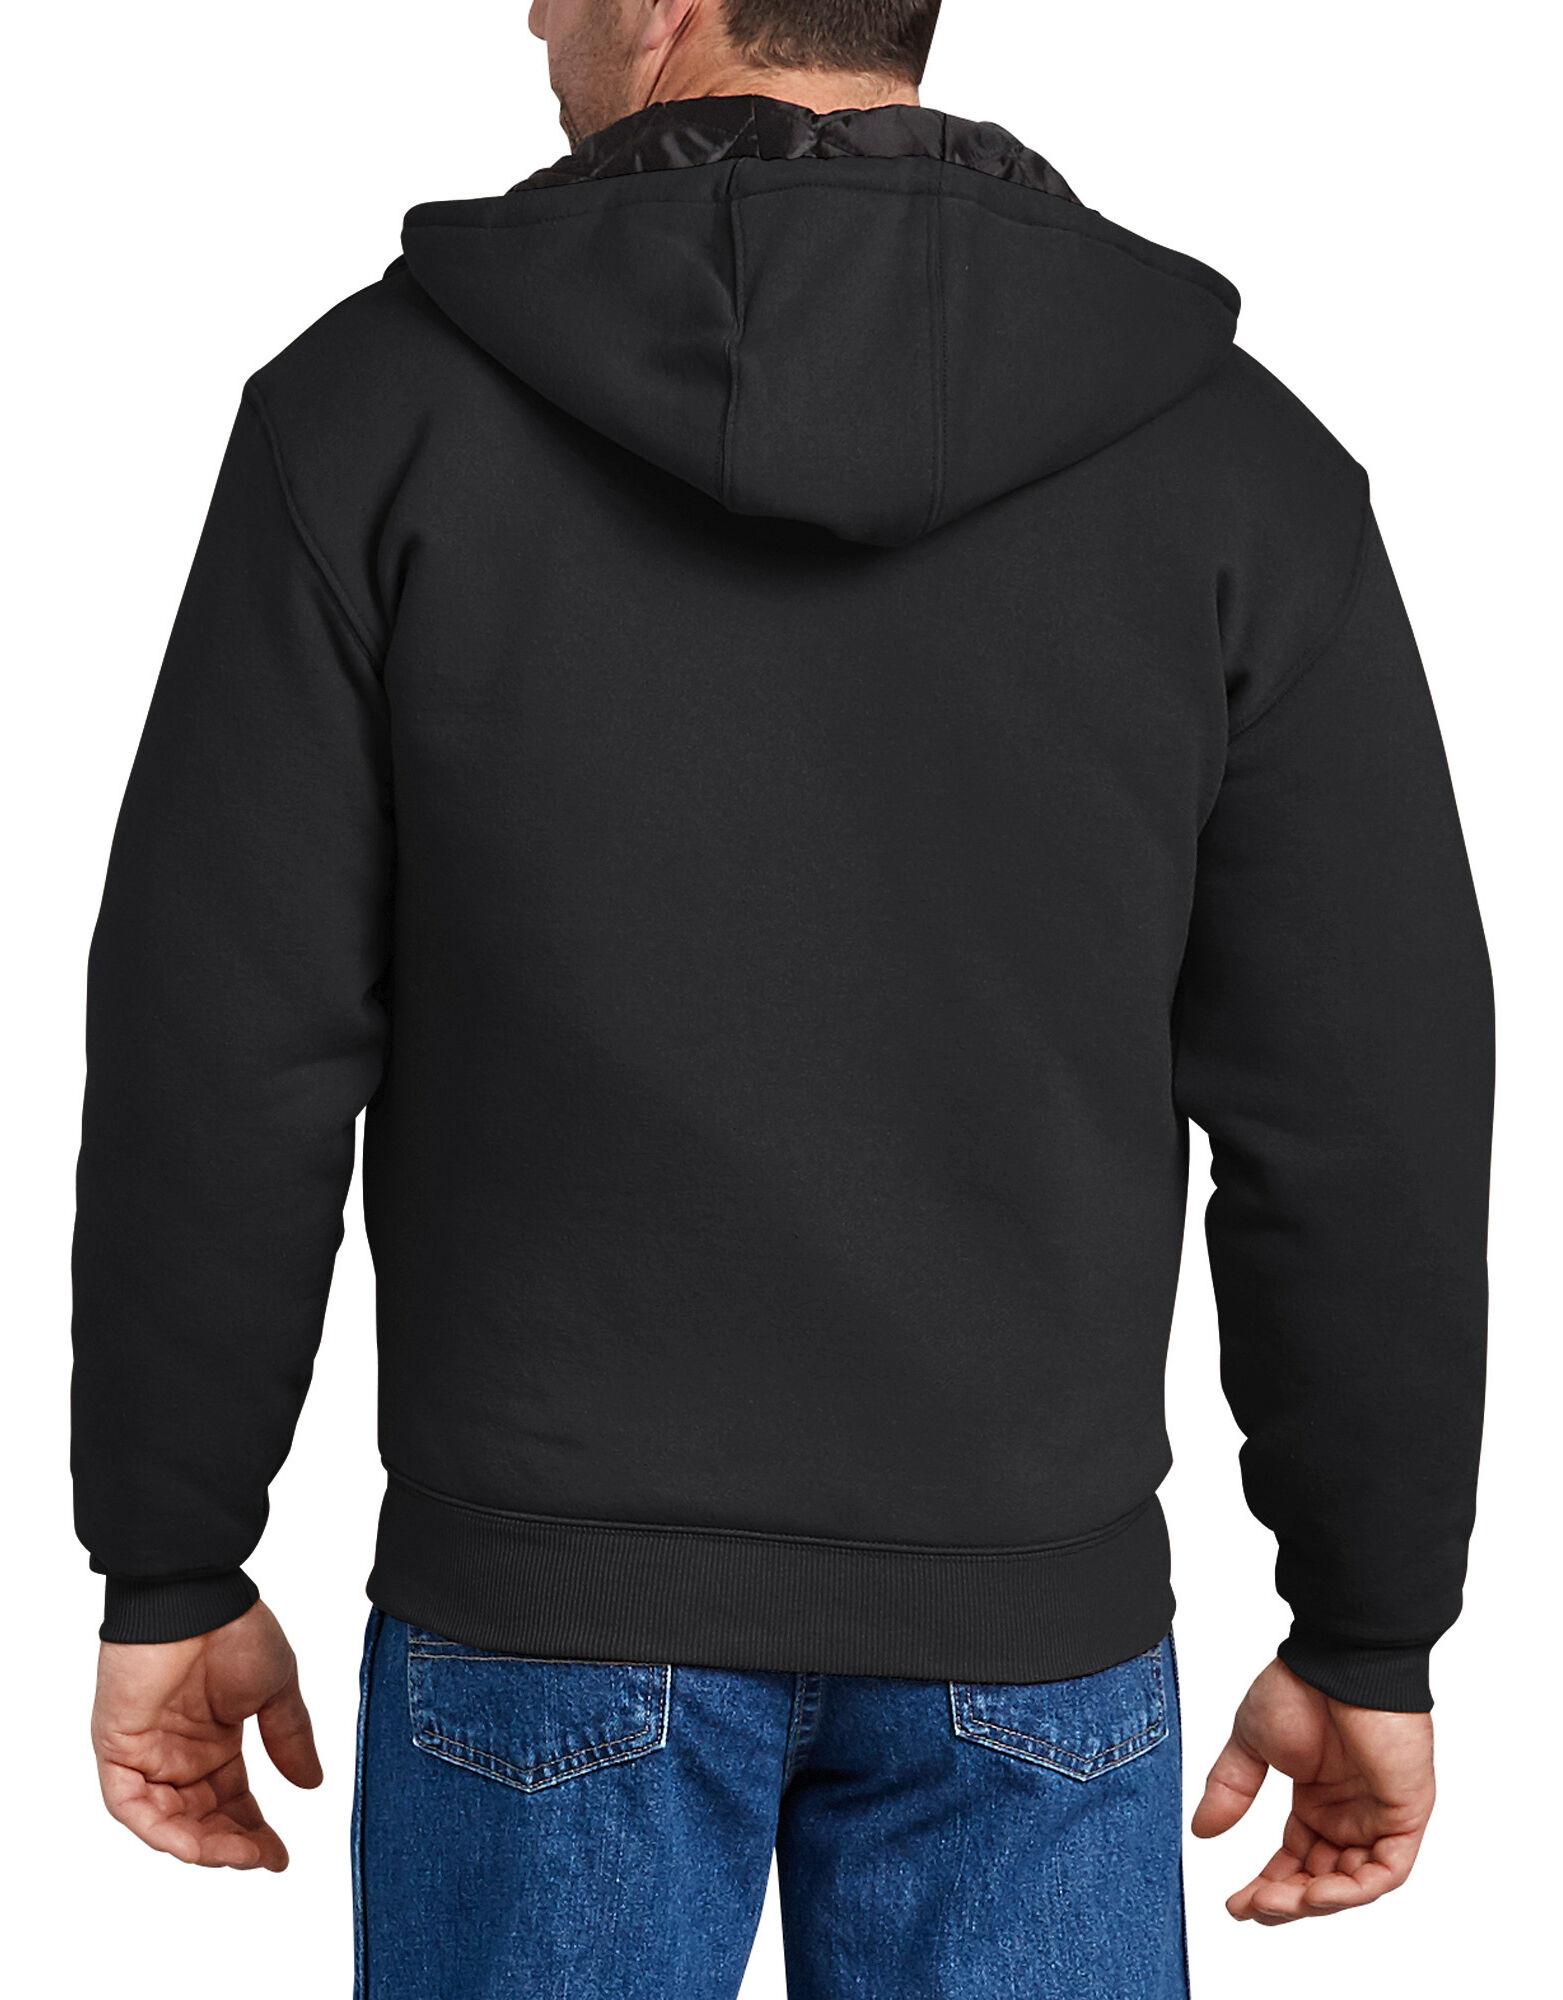 Dickies-Men-039-s-TW394-Heavyweight-Quilted-Fleece-Zip-Up-Hoodie thumbnail 3